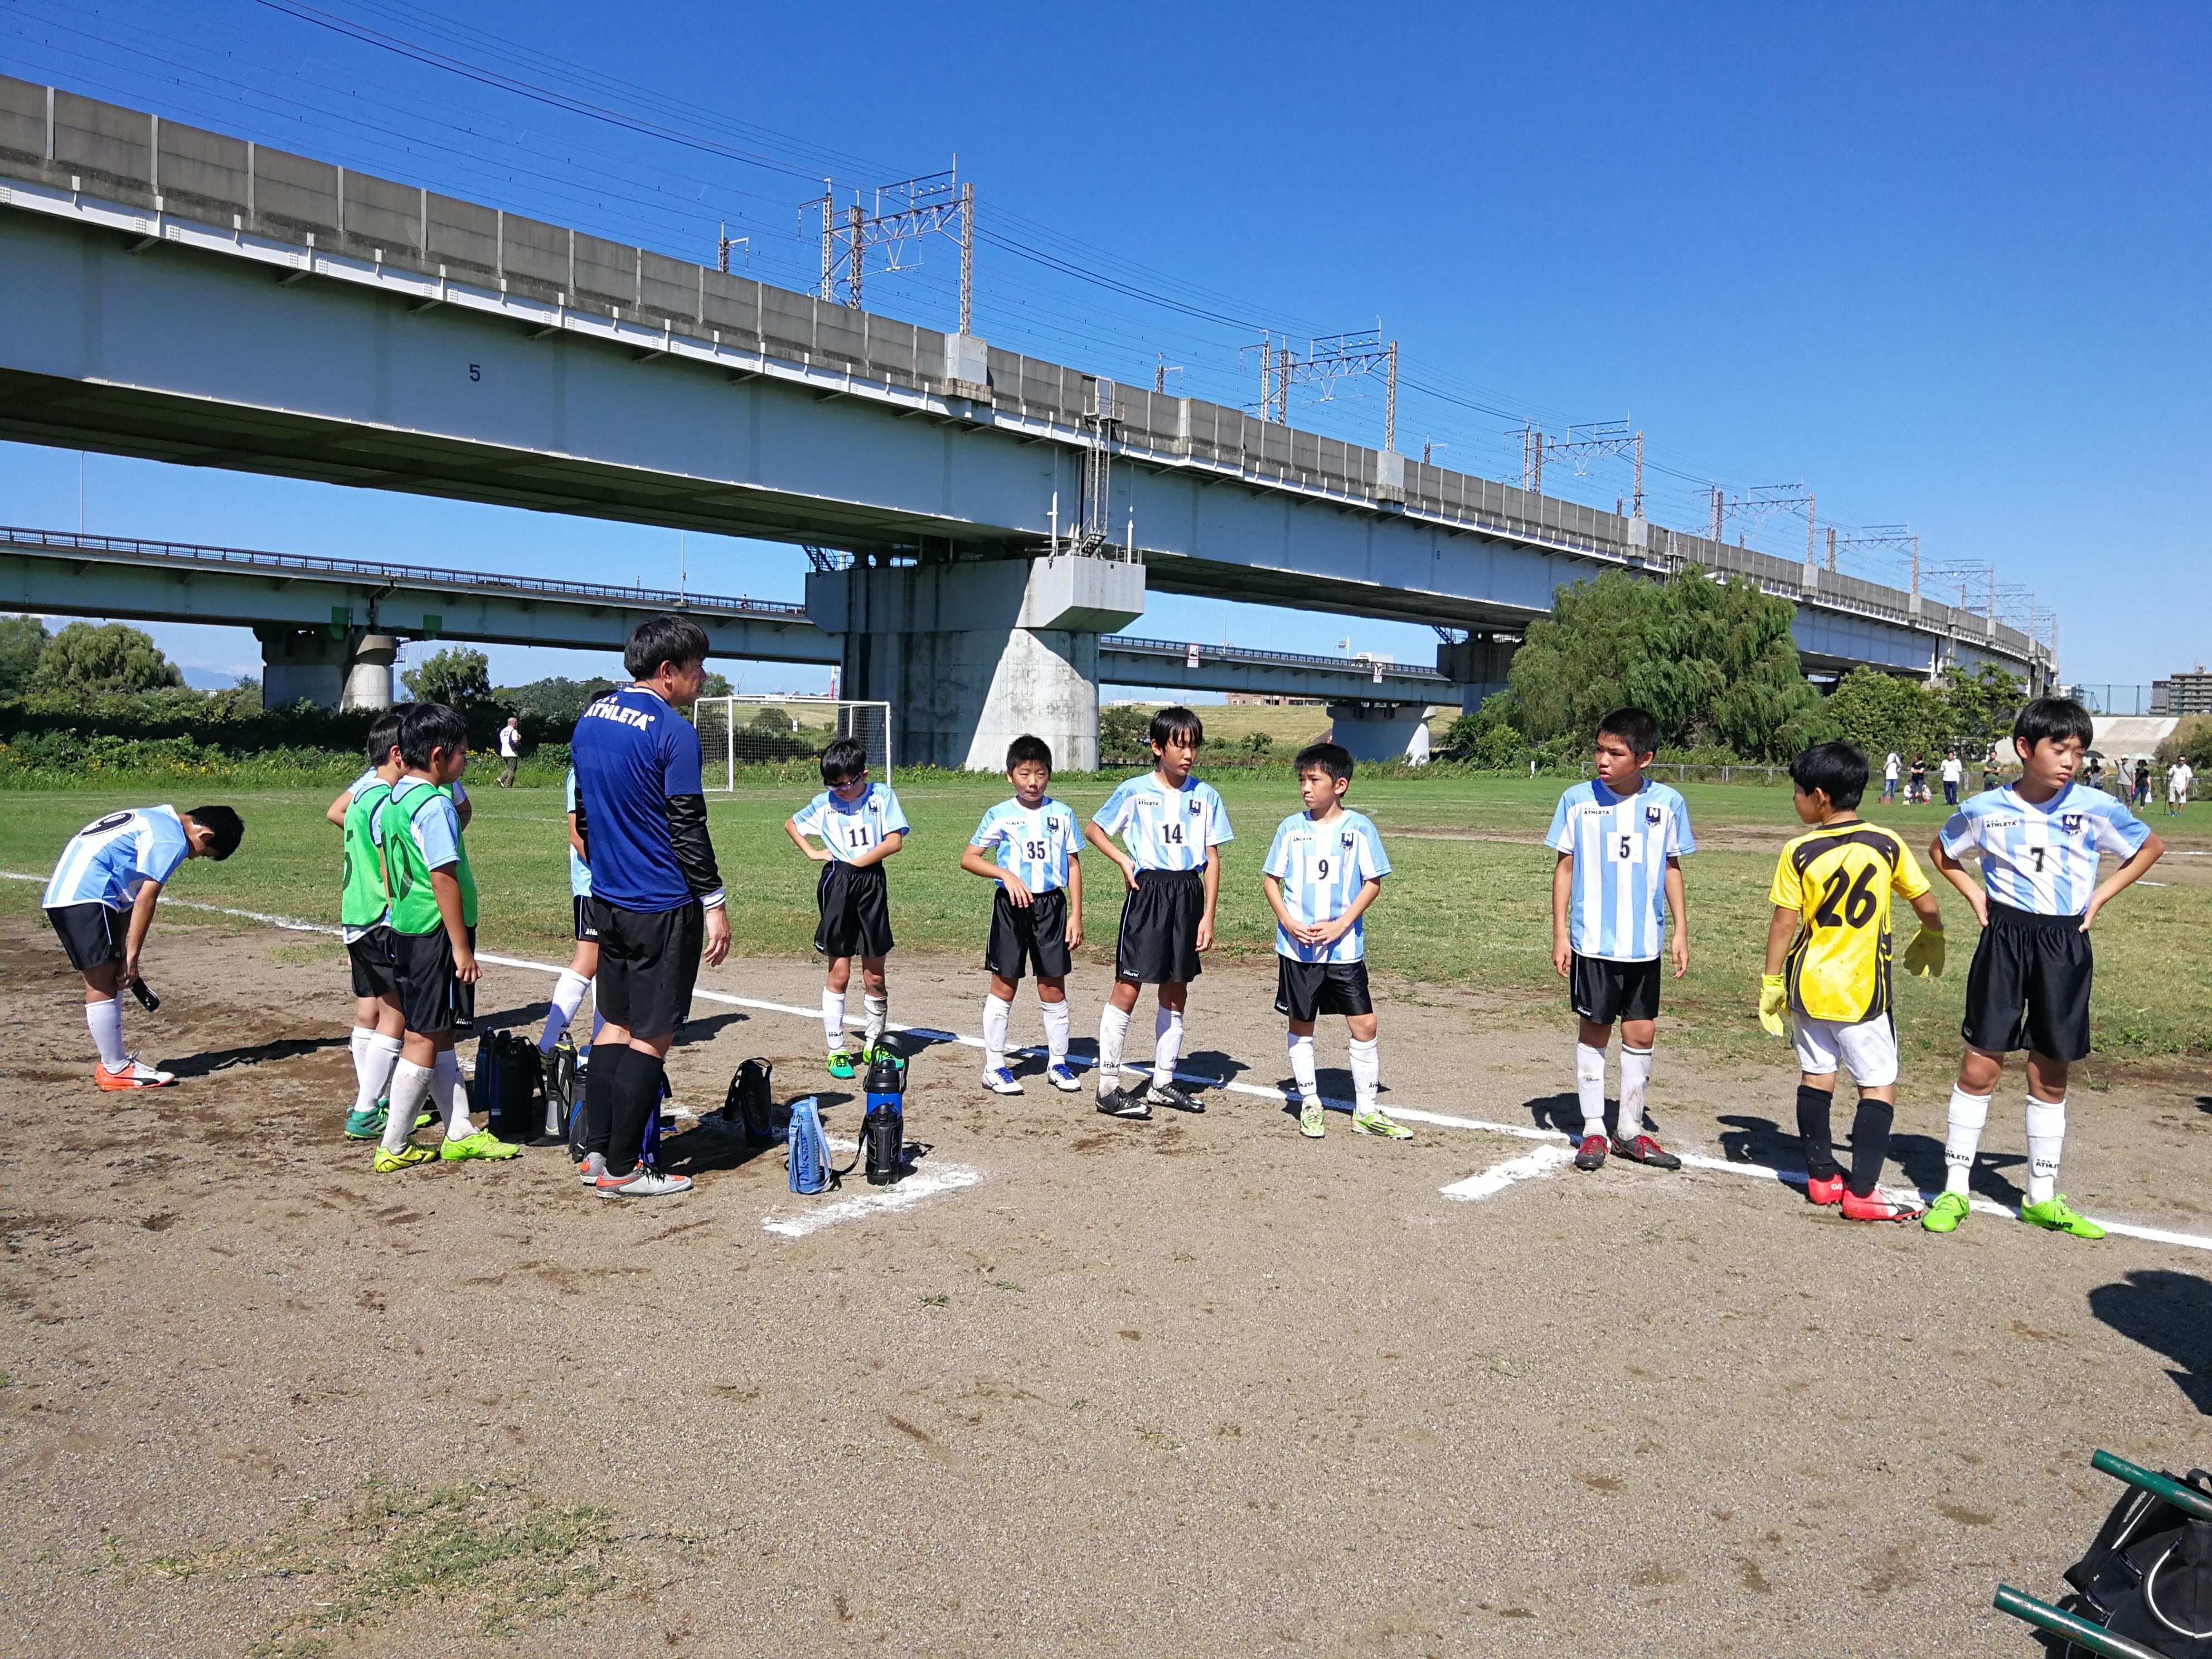 六年生チーム 待望の試練が訪れました!